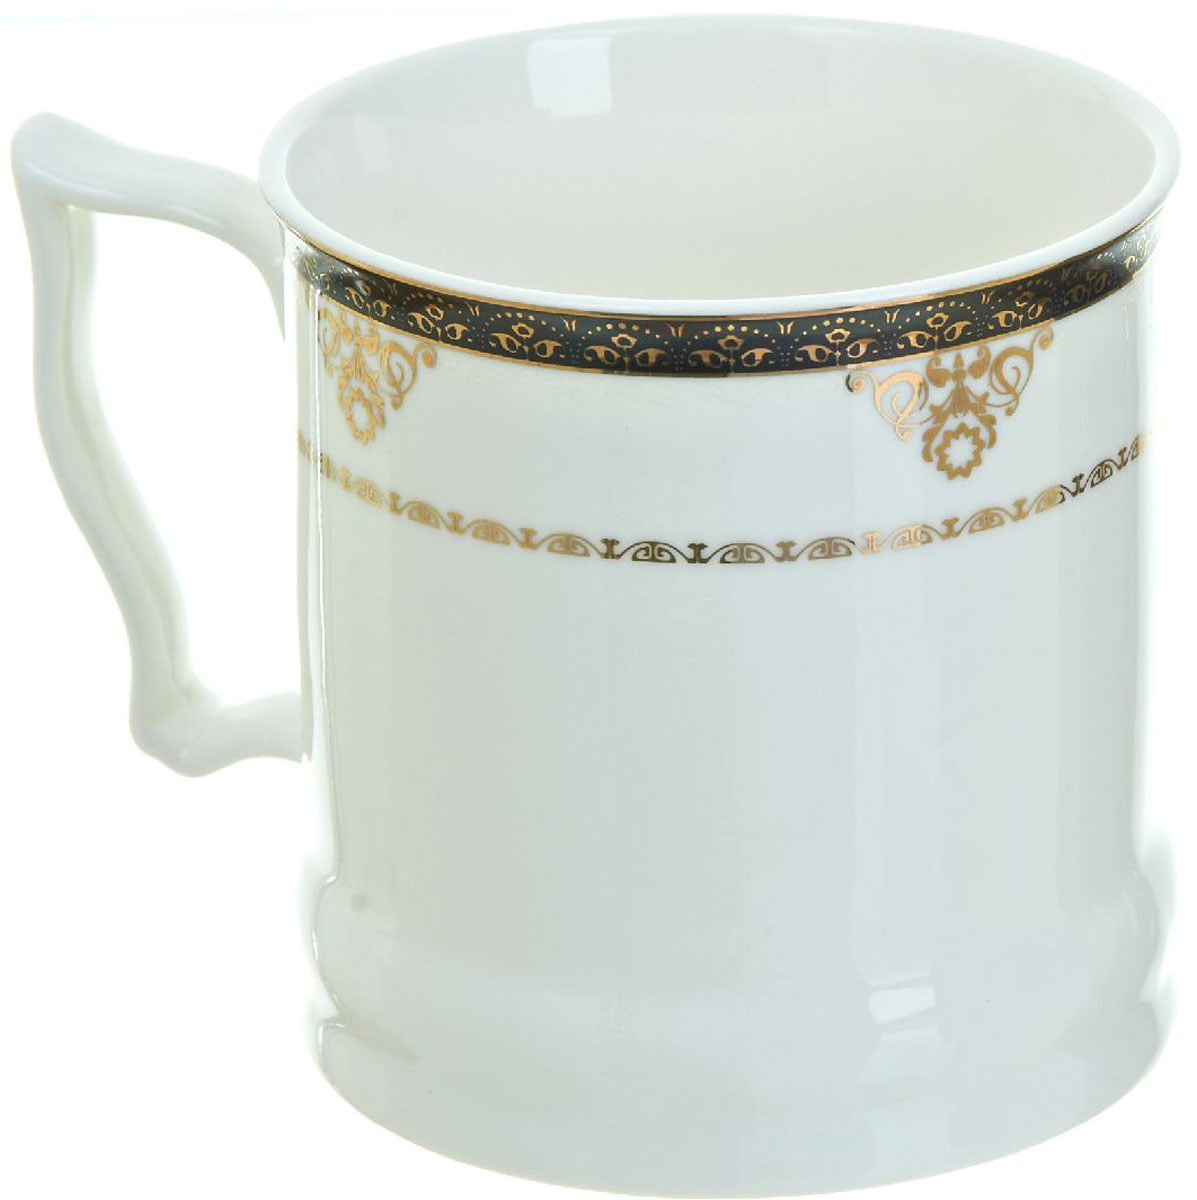 Кружка BHP Королевская кружка, 500 мл. 1870007115510Оригинальная кружка Best Home Porcelain, выполненная из высококачественного фарфора, сочетает в себе простой, утонченный дизайн с максимальной функциональностью. Можно использовать в посудомоечной машине.